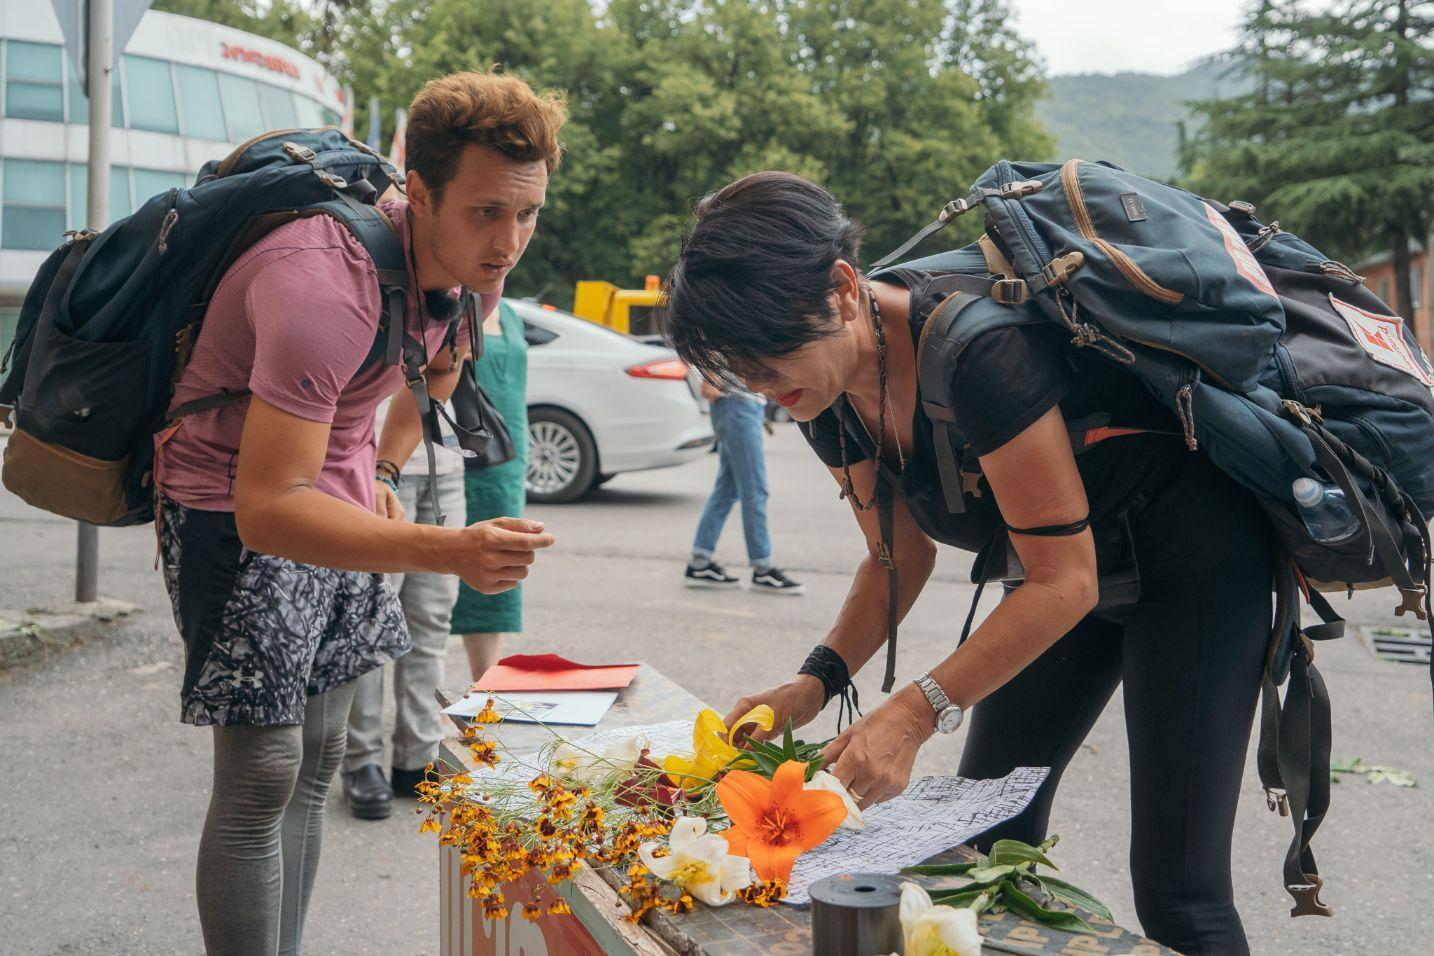 Asia Express – Drumul Împăraţilor, record de audienţă. Francesco și Patrizia Paglieri au obținut a doua imunitate a etapei